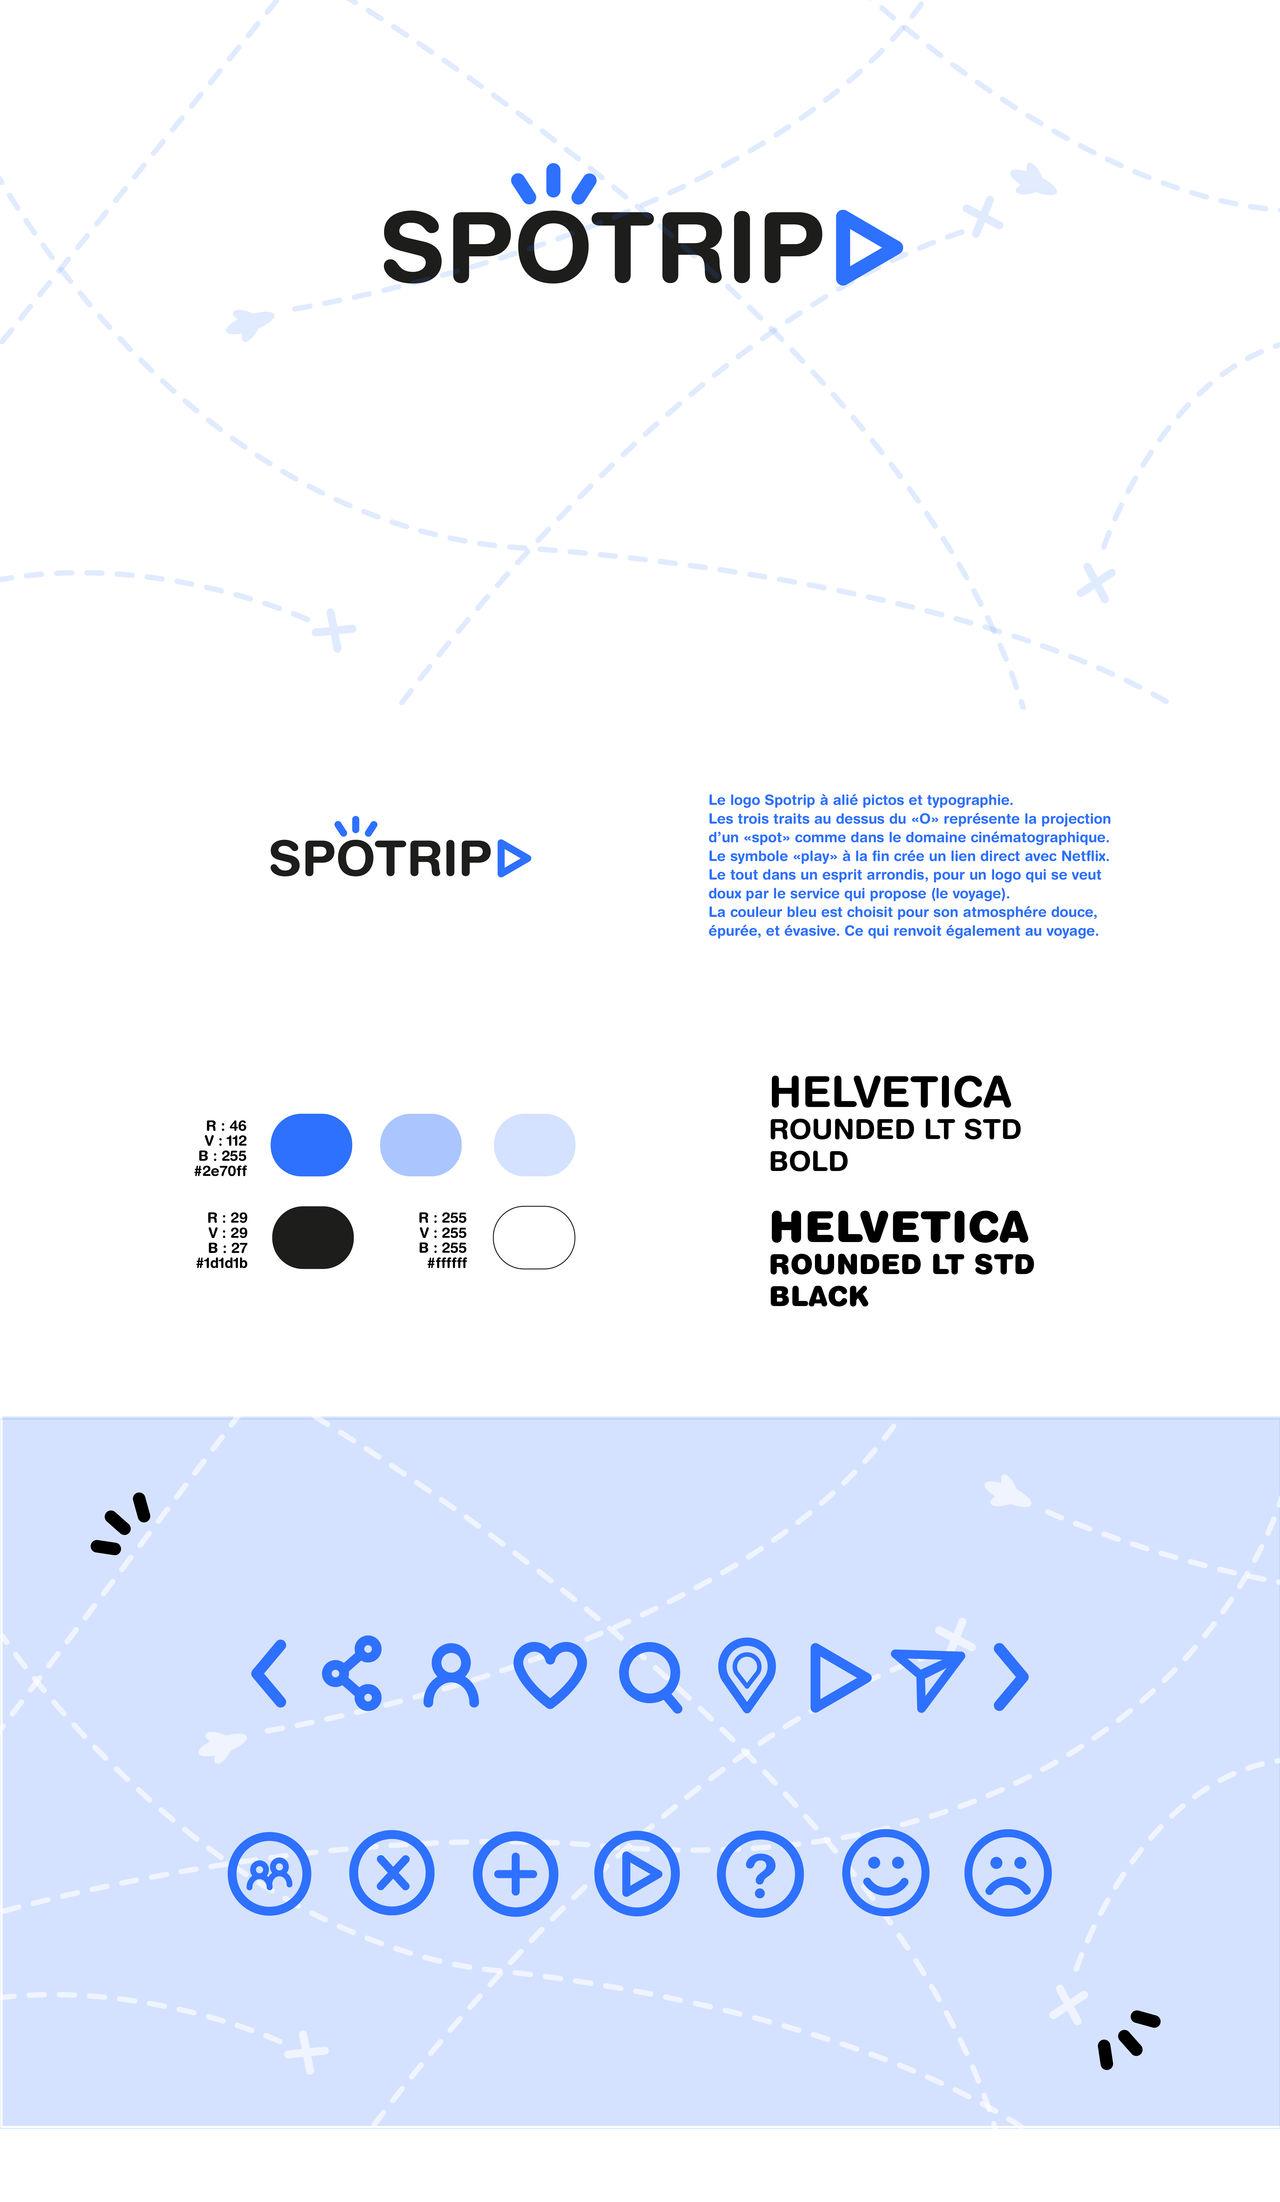 Spotrip